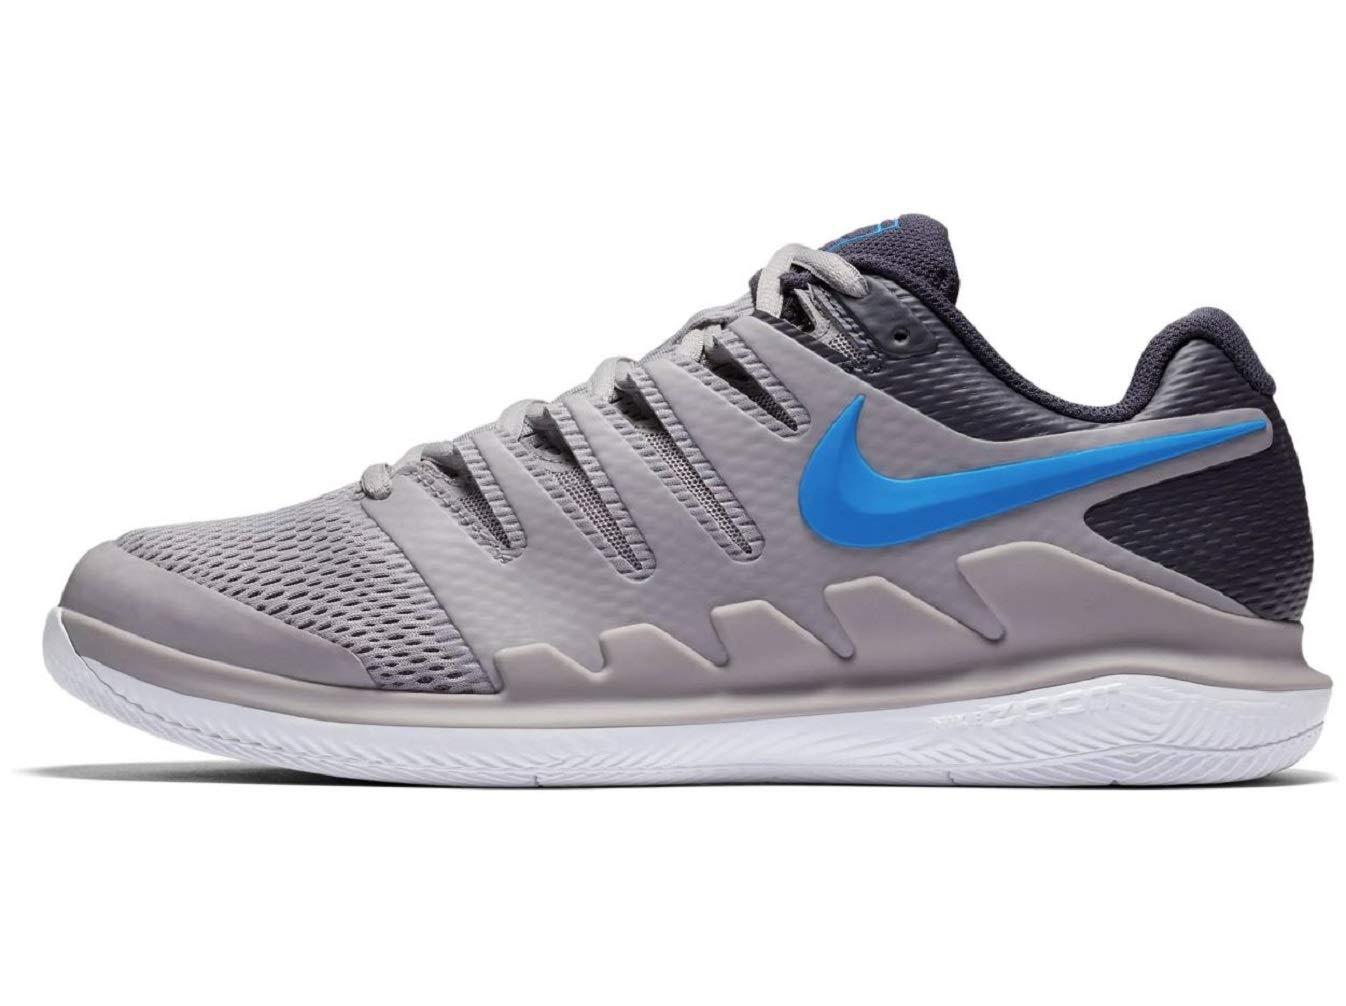 best cheap d164d f06a8 Galleon - NIKE Men s Air Zoom Vapor X Tennis Shoe (4 D(M) US, Atmosphere  Grey Photo Blue-White)